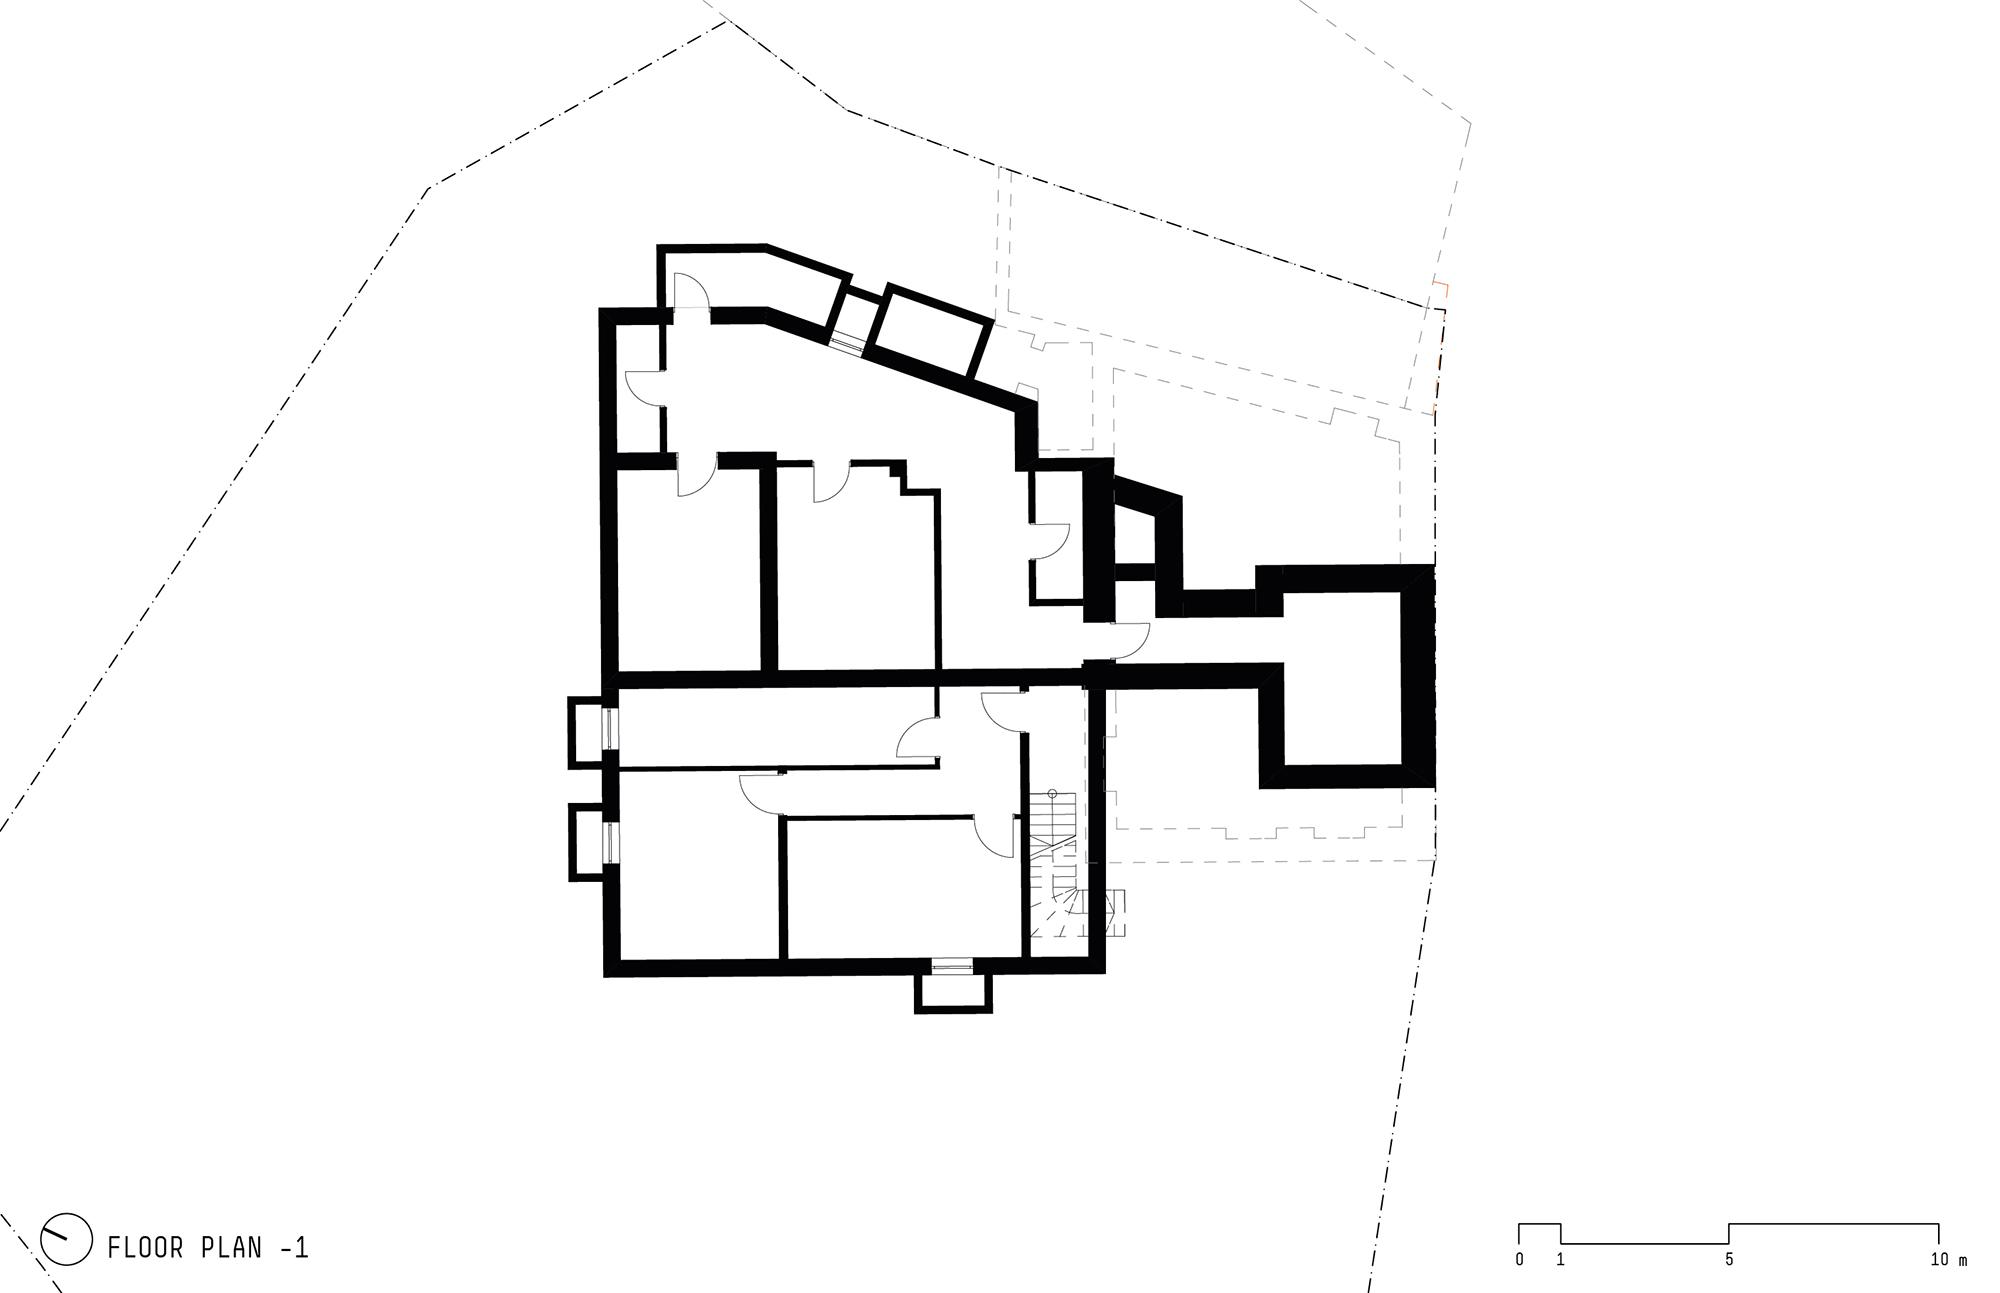 basement floor }